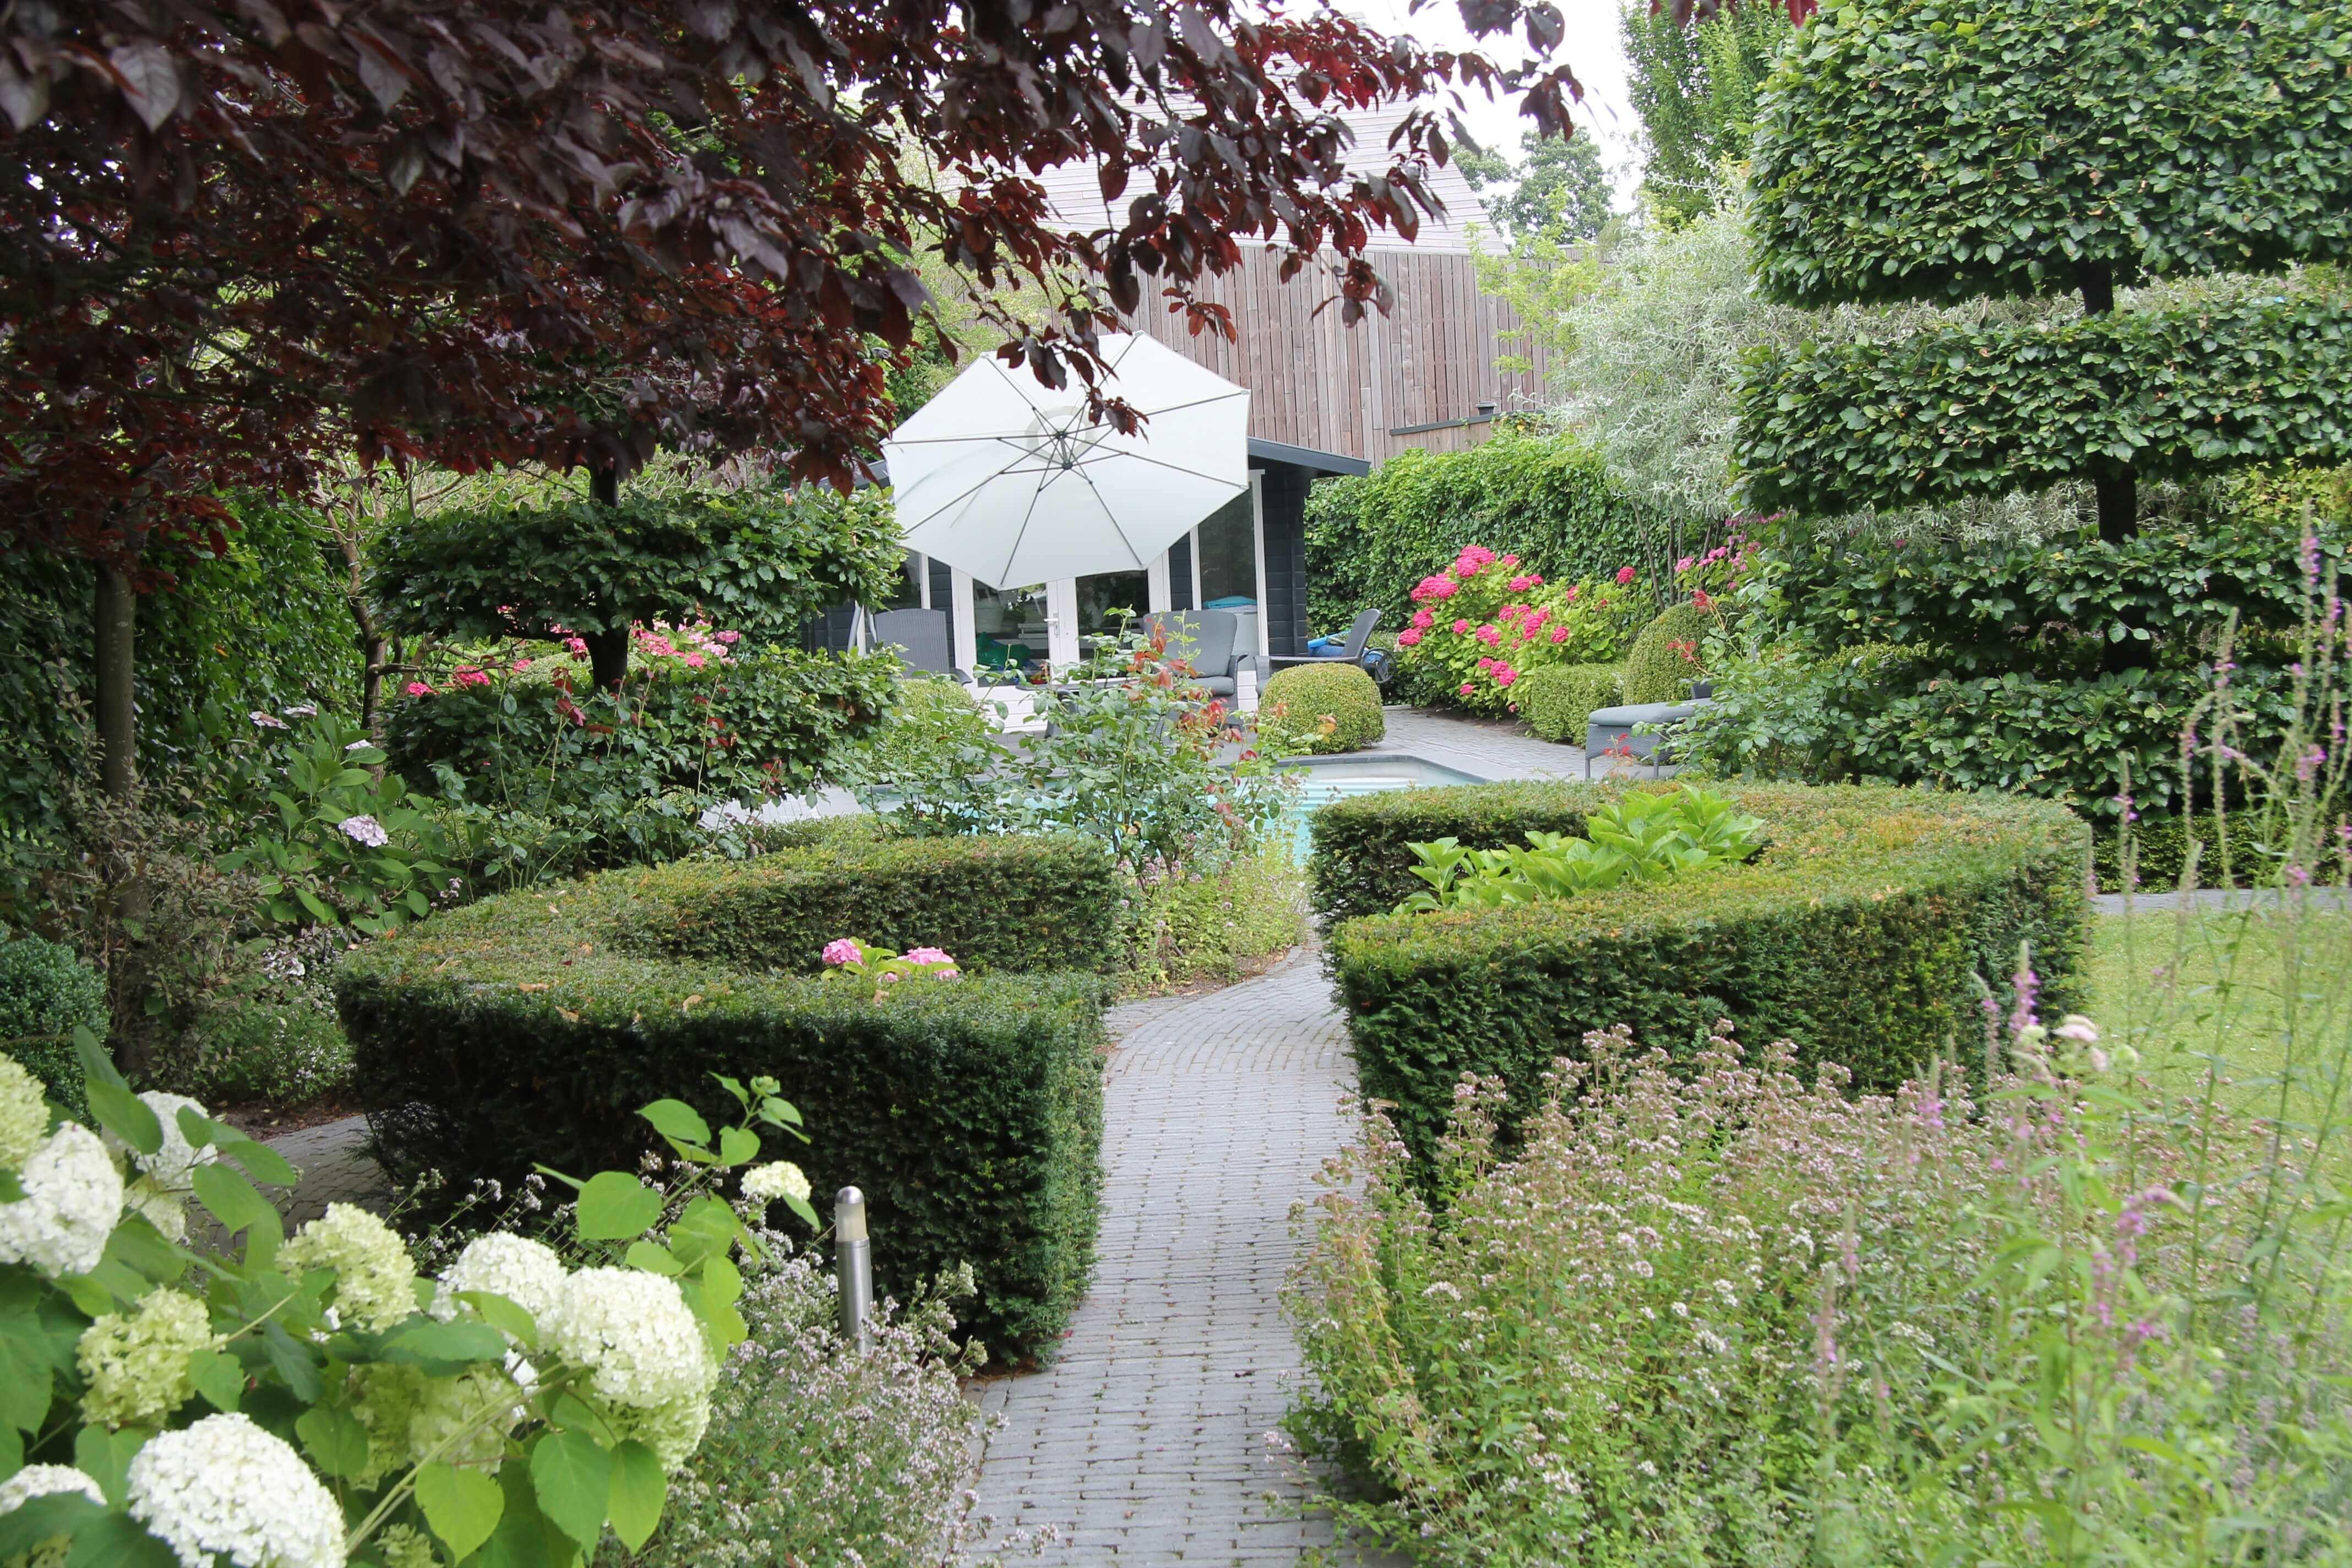 vormbeuken in de tuin